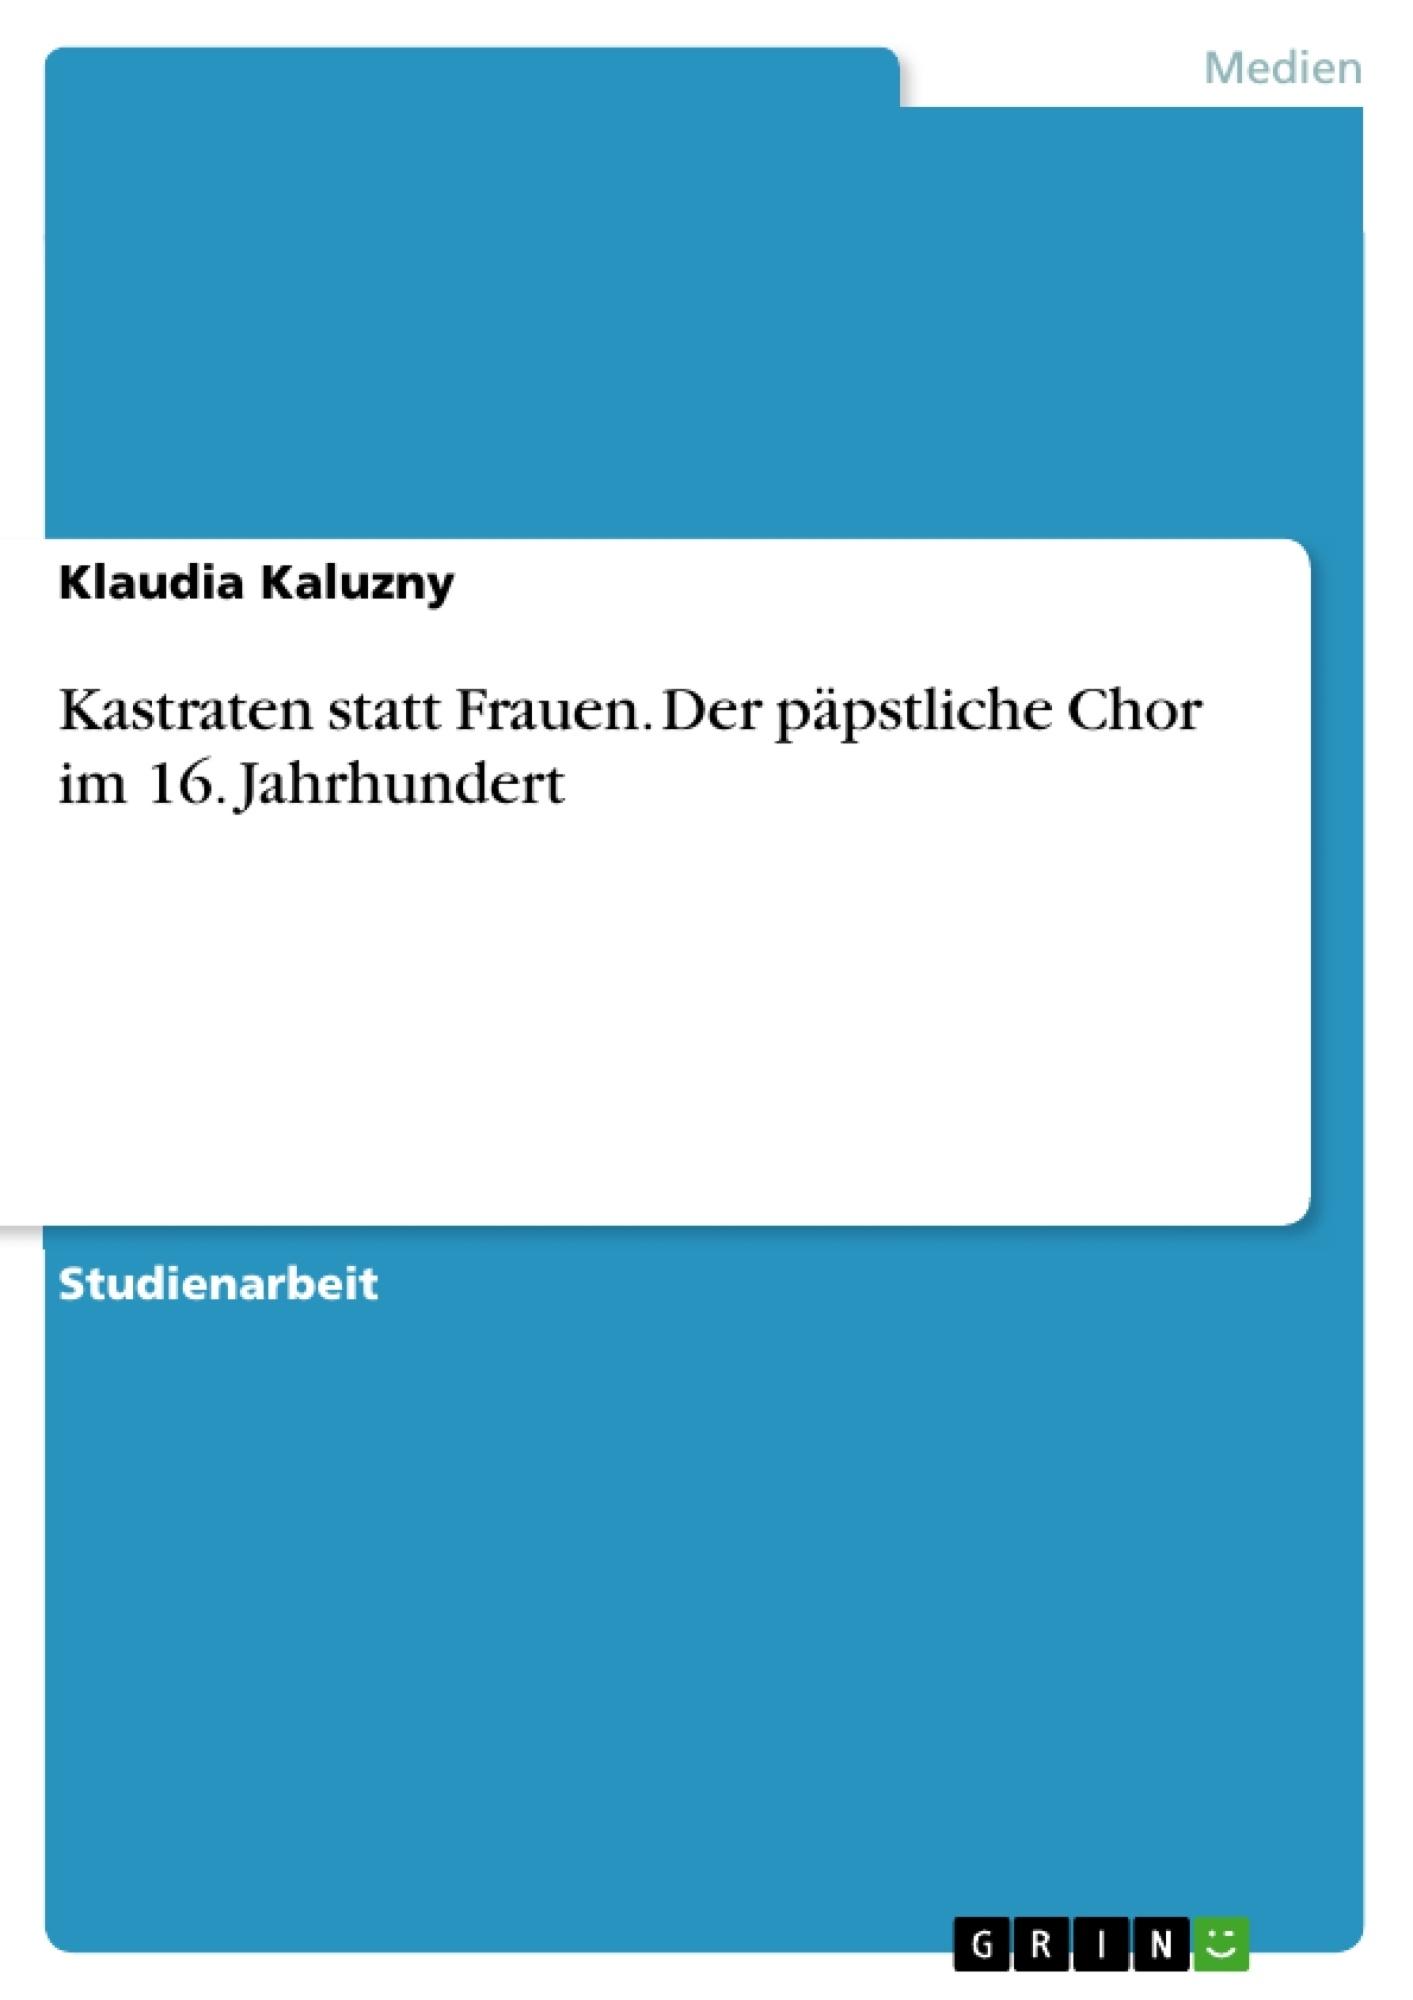 Titel: Kastraten statt Frauen. Der päpstliche Chor im 16. Jahrhundert